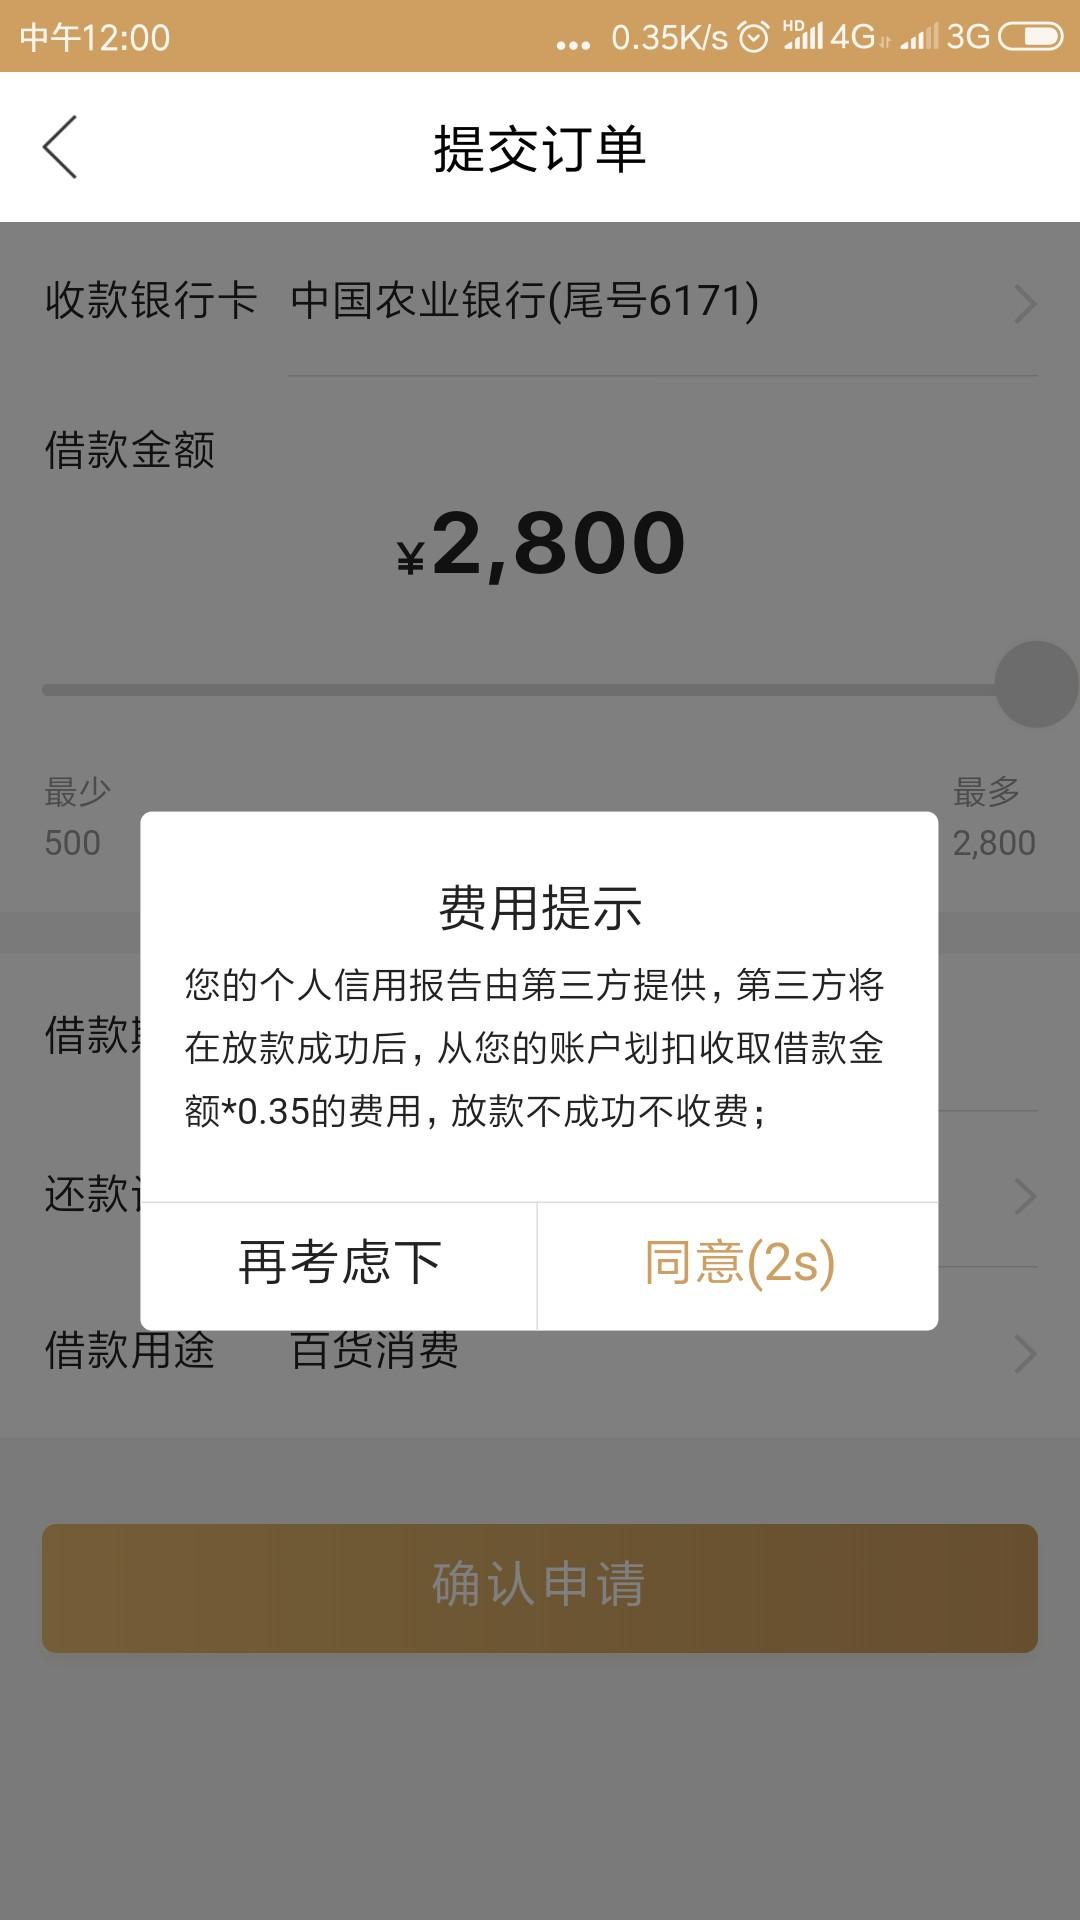 #小白应急#最新口子,最高5万,年化36%,你肯定没做过...45 / 作者:好甜 /